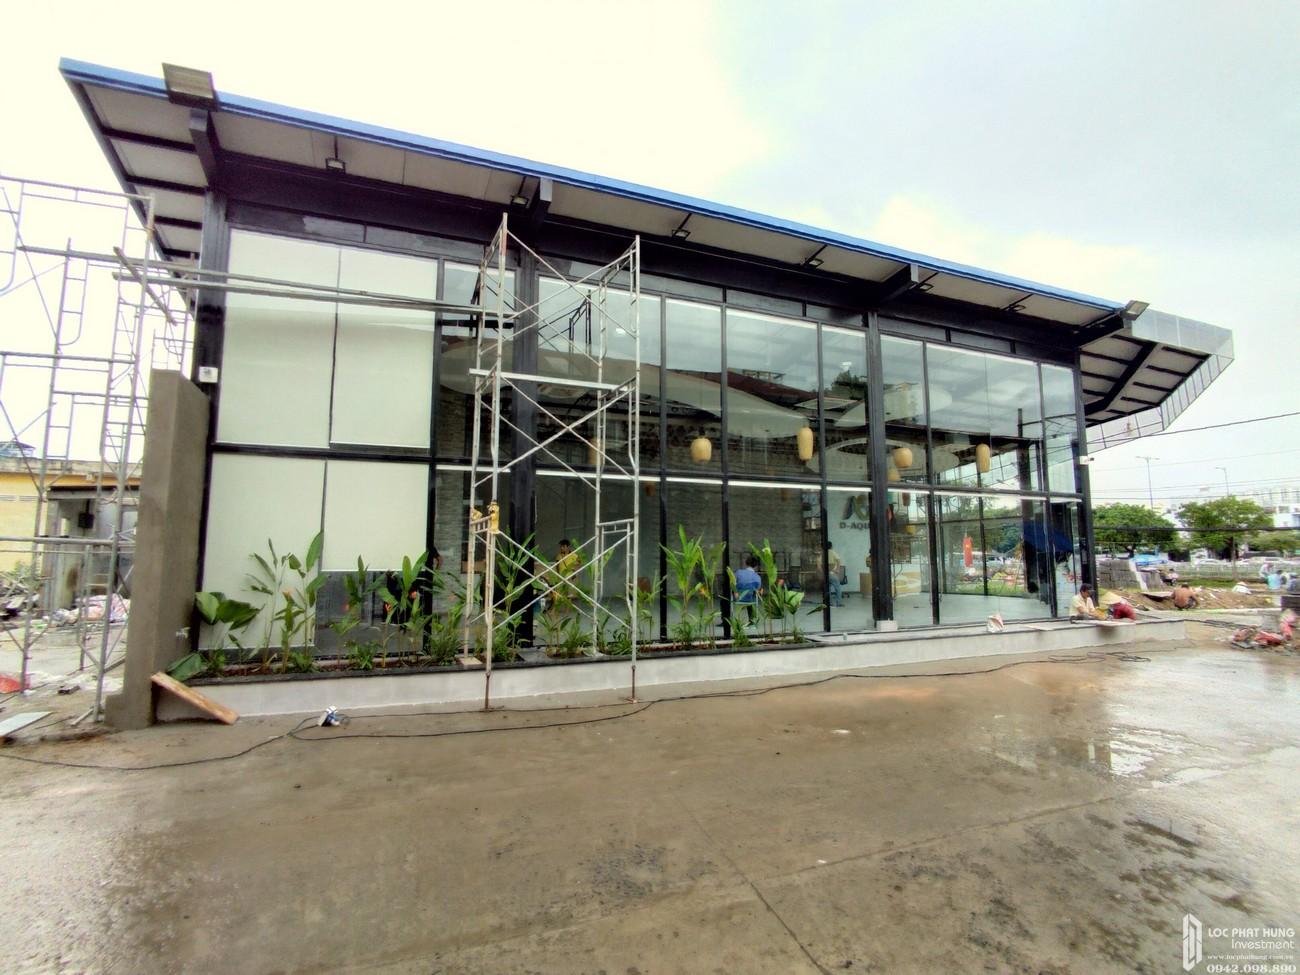 Tiến độ dự án căn hộ chung cư D Aqua Quận 8 chủ đầu tư DHA Corp